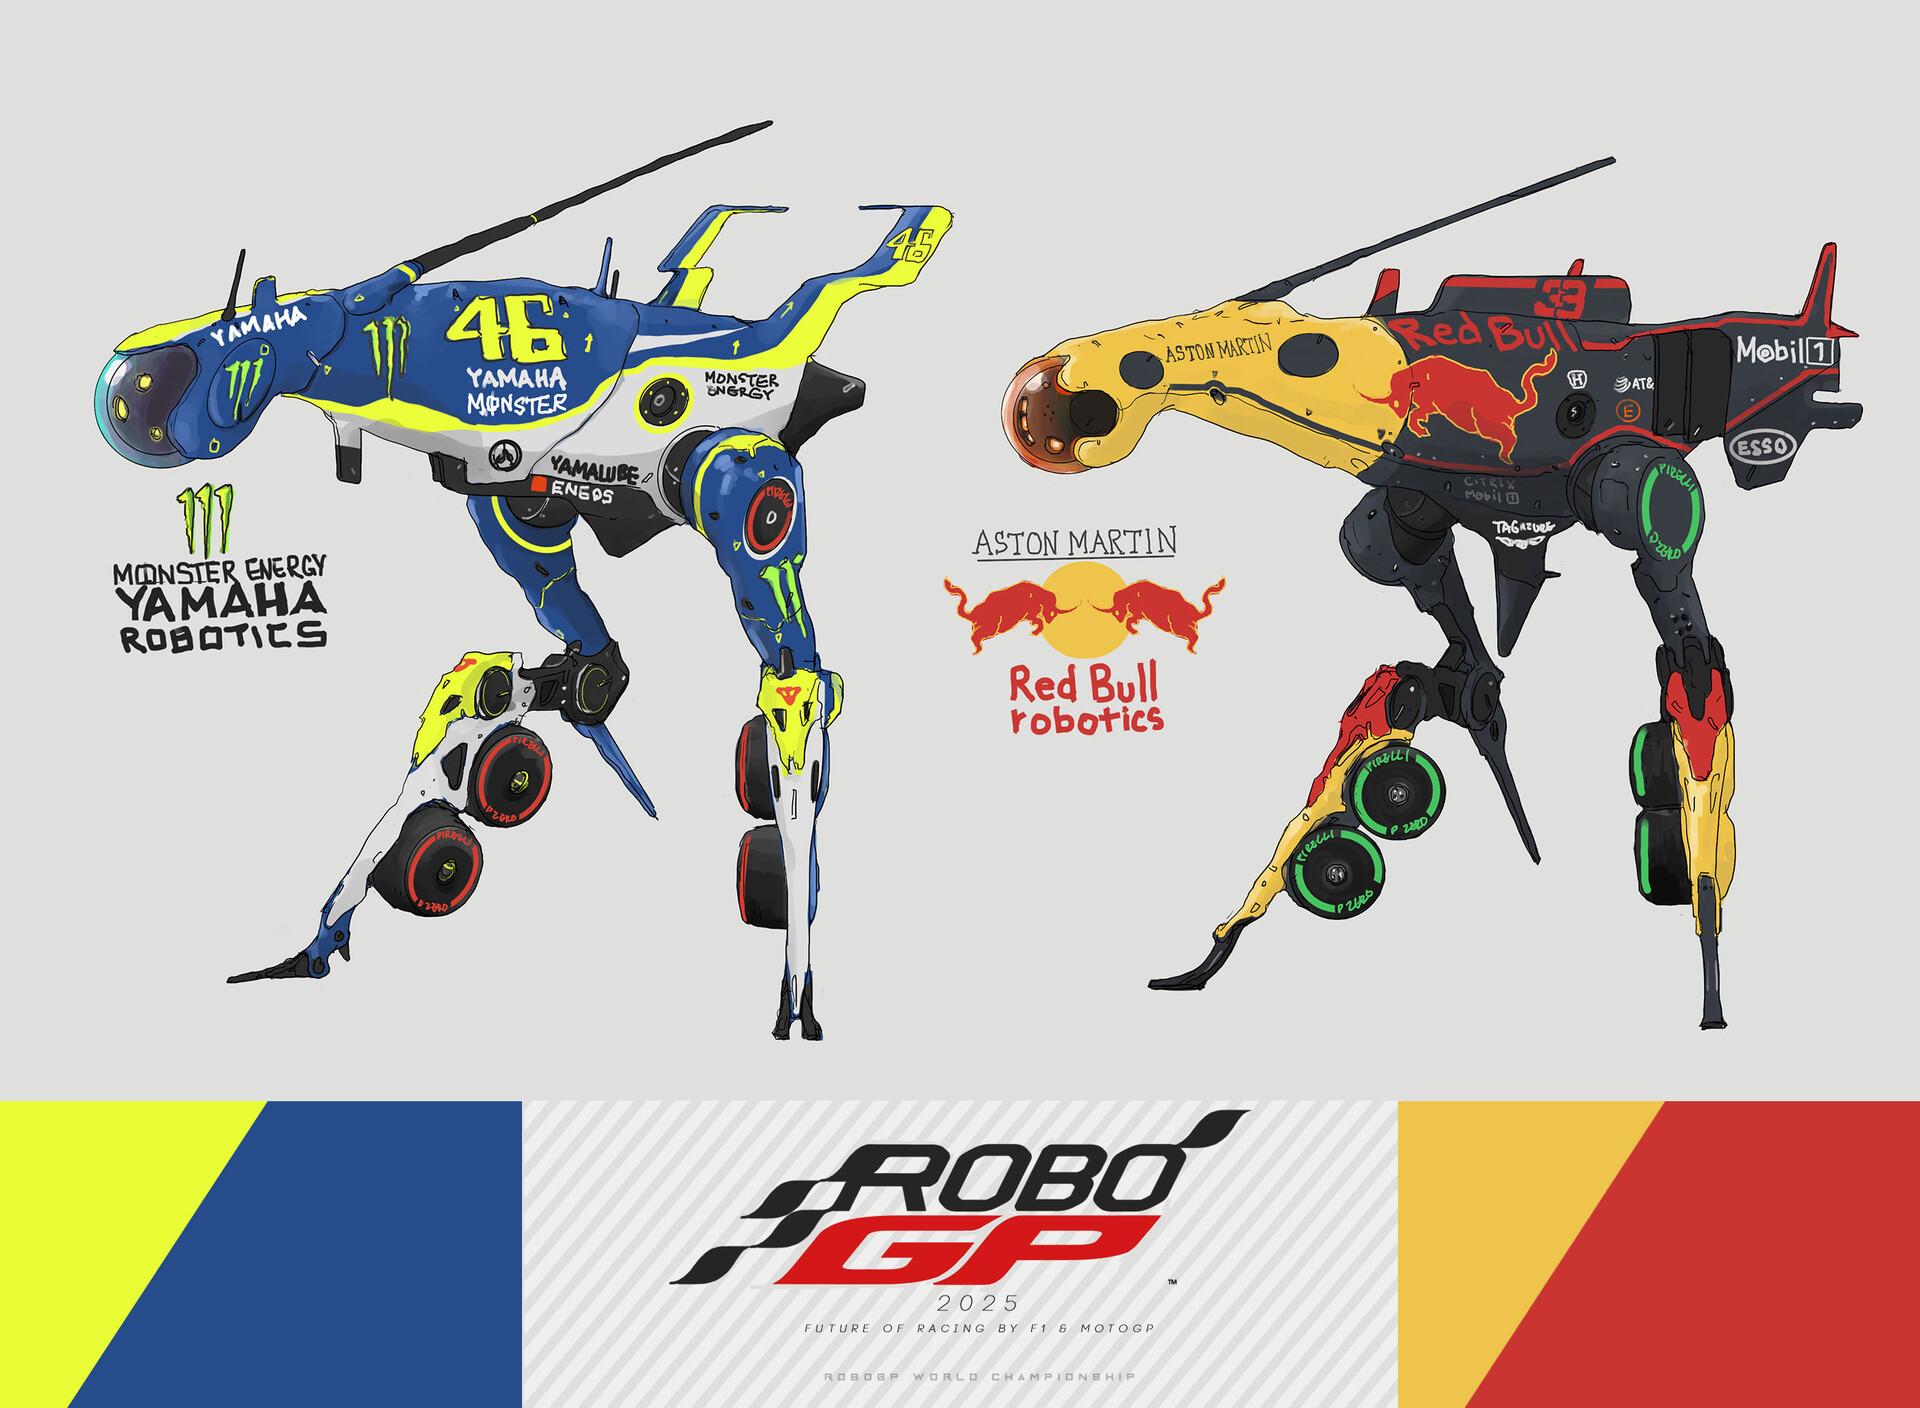 RoboGP 2025!